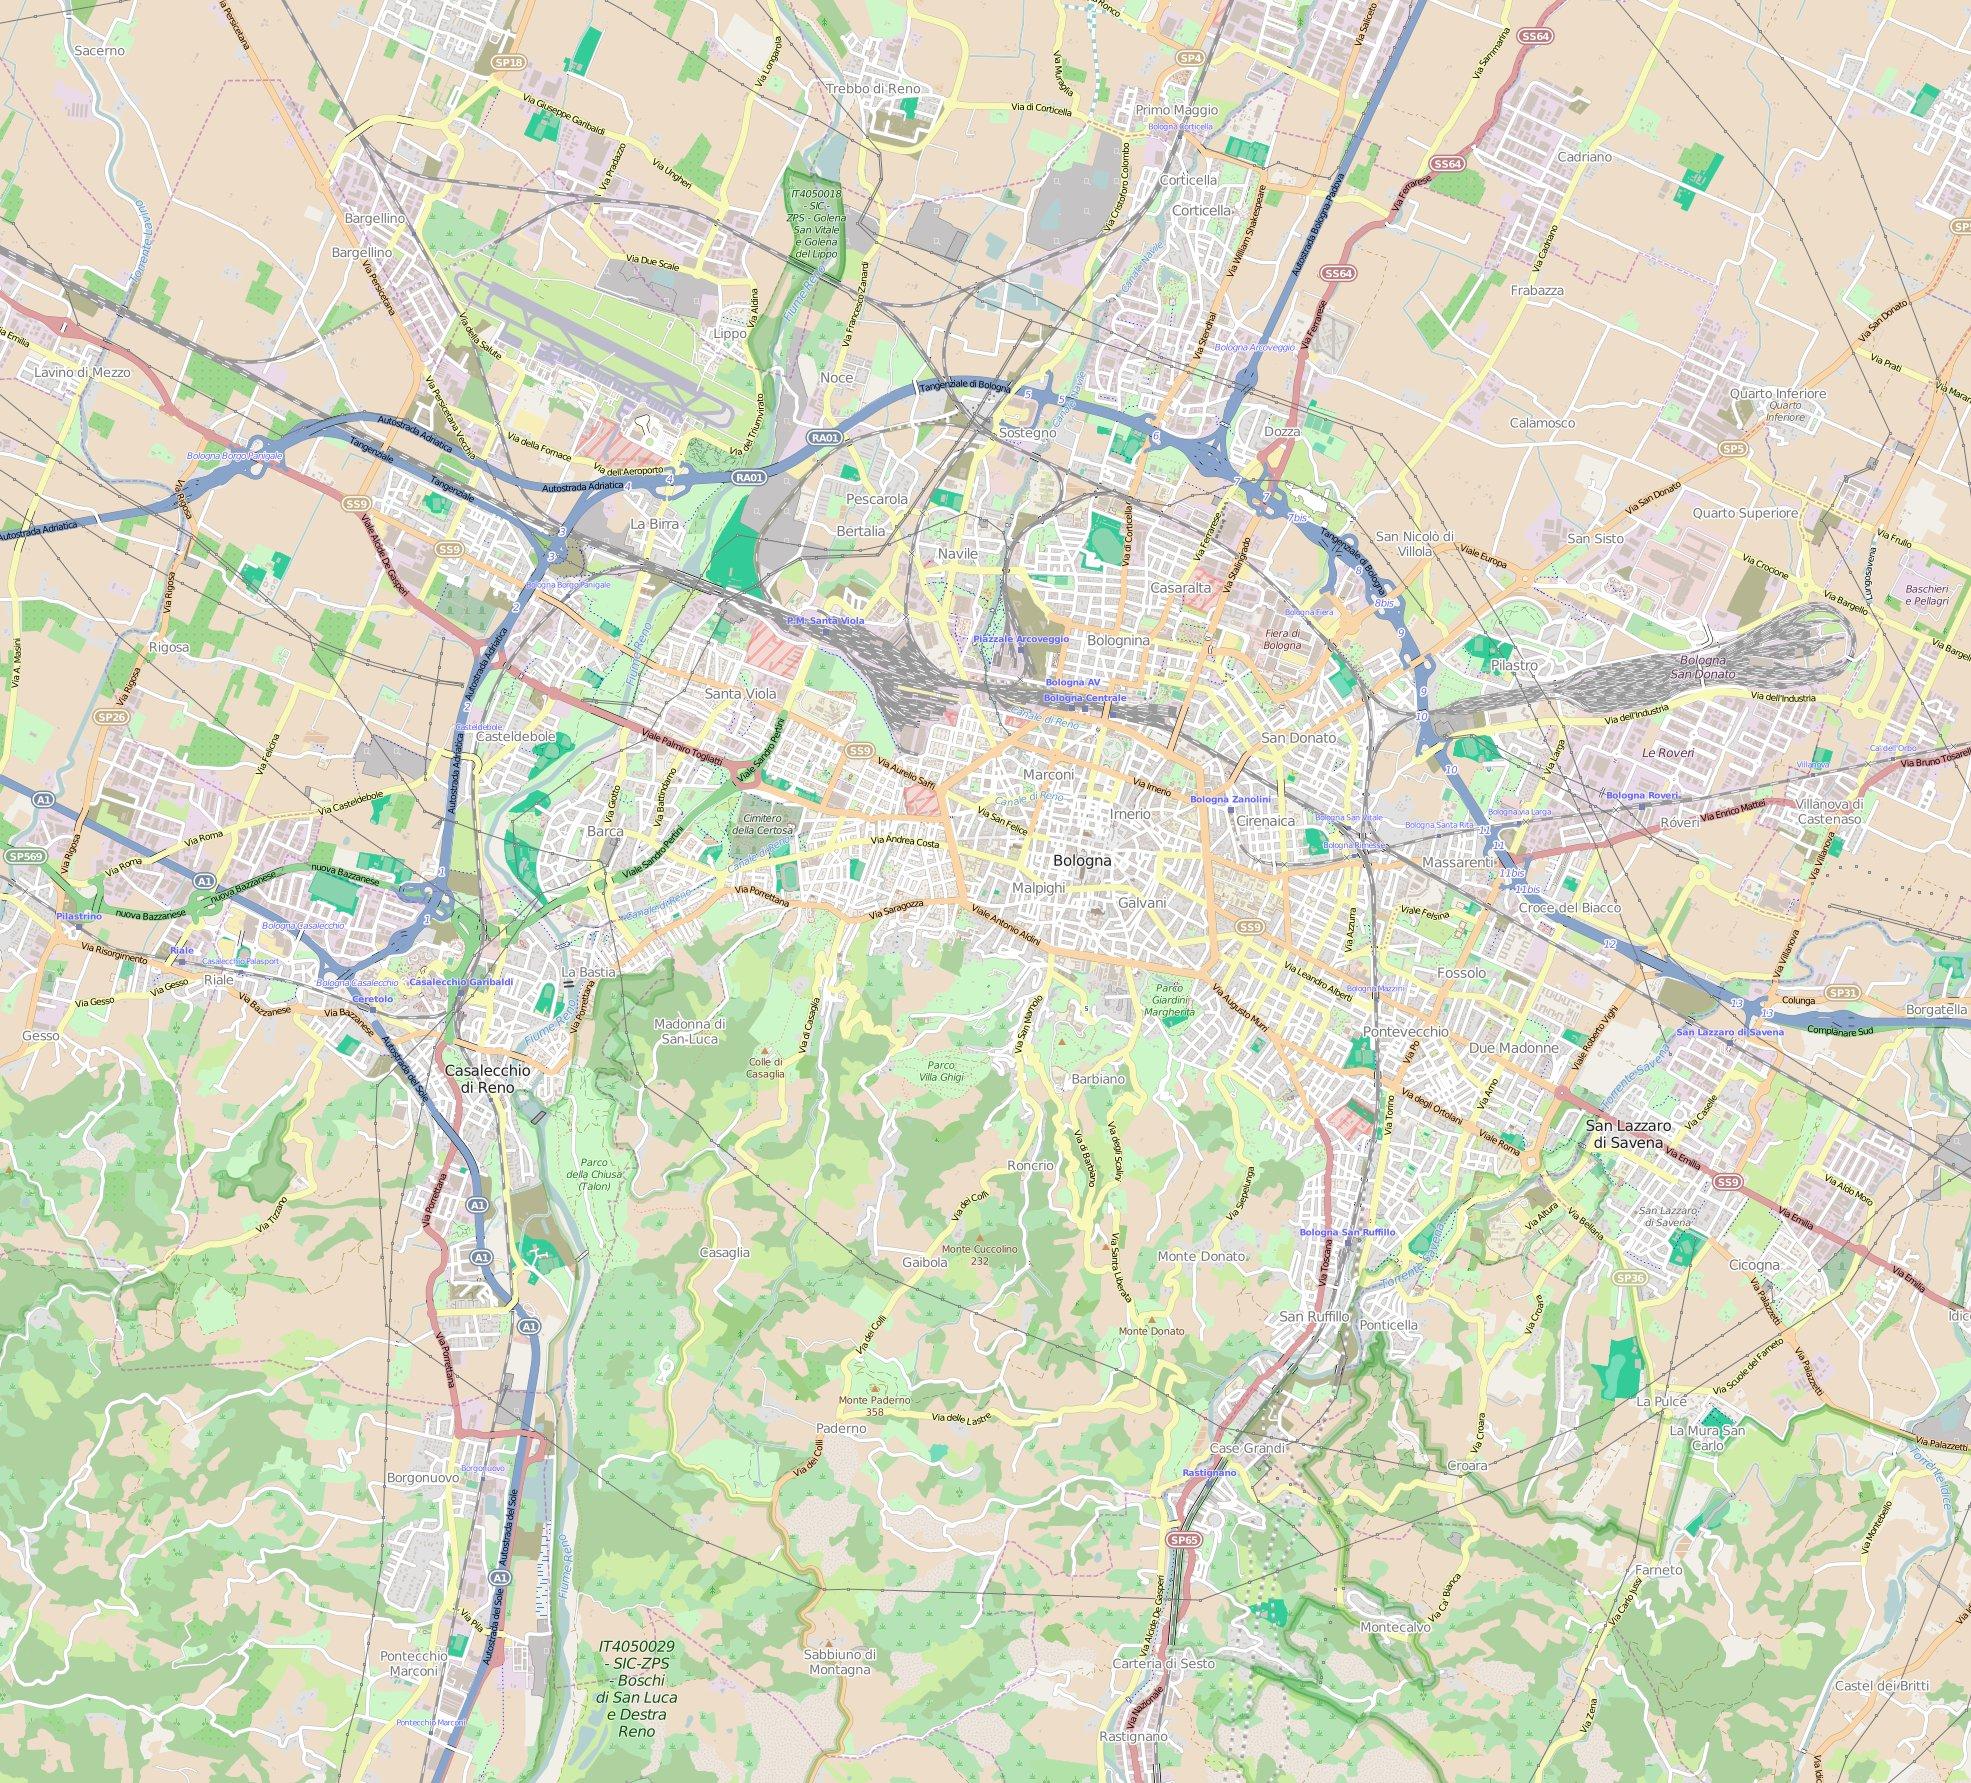 fiera di modellismo bologna italy map - photo#33